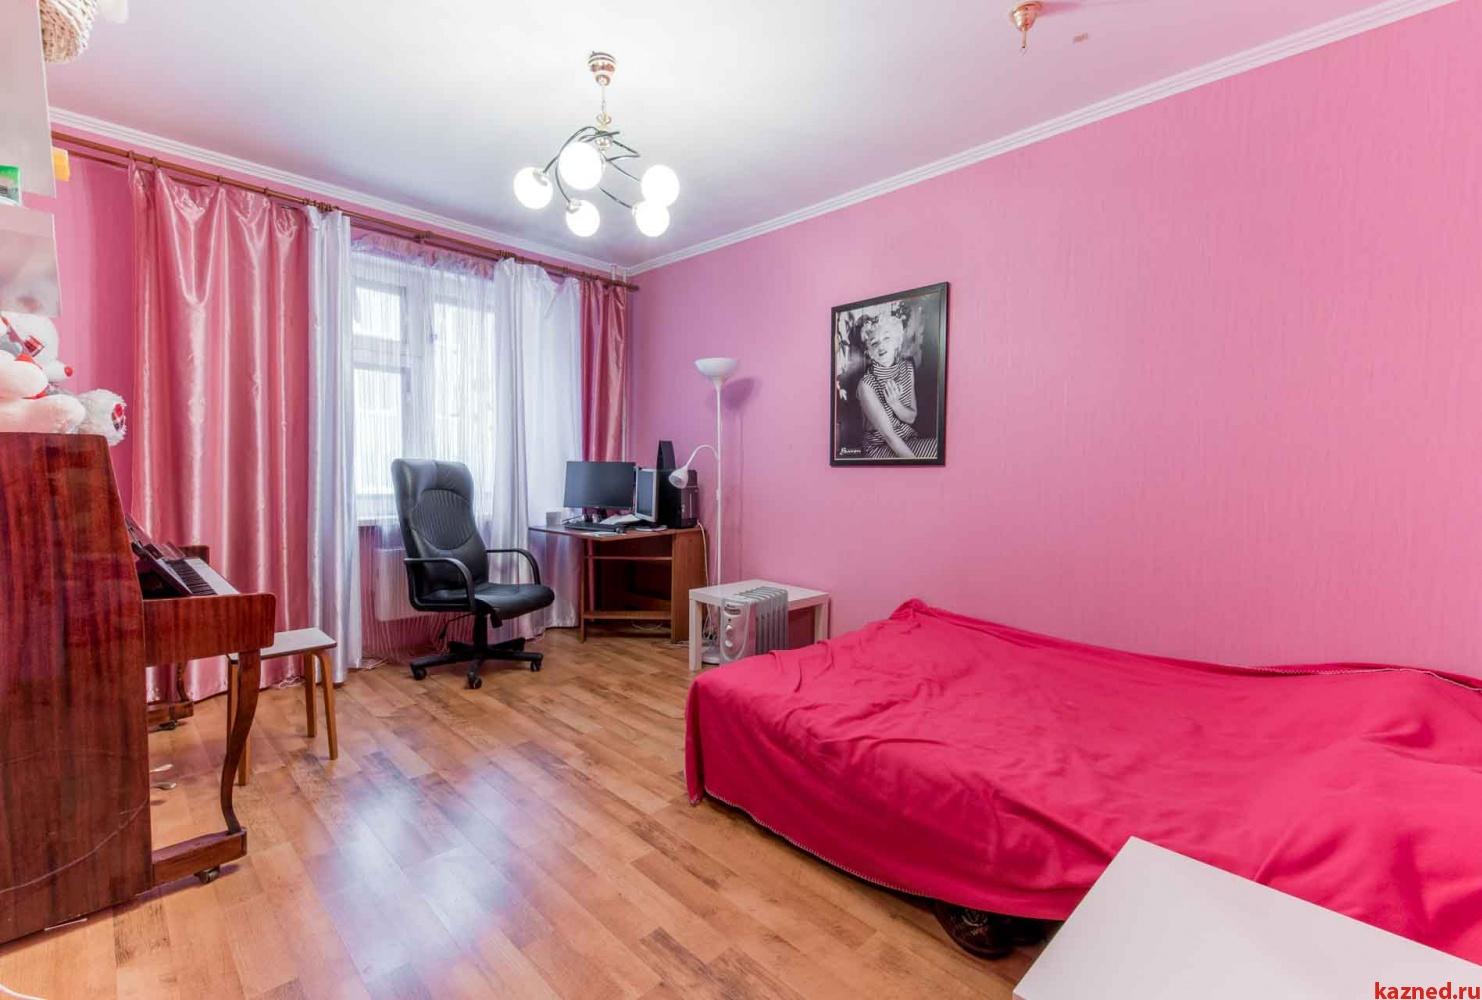 Продажа 1-к квартиры ул.Волочаевская д.6, 38 м²  (миниатюра №8)